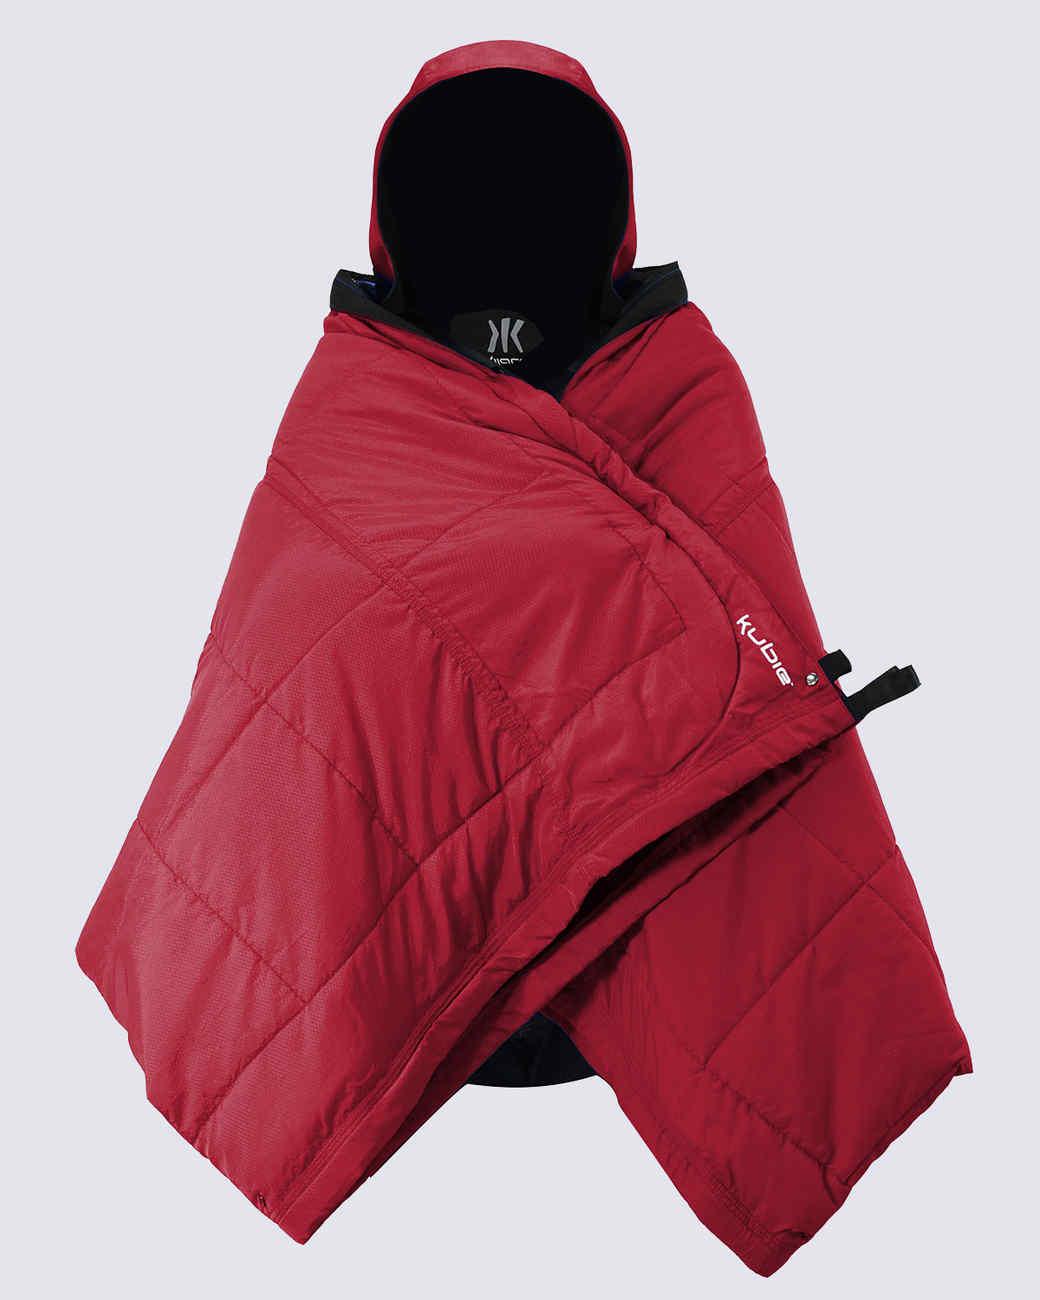 camping kubie red